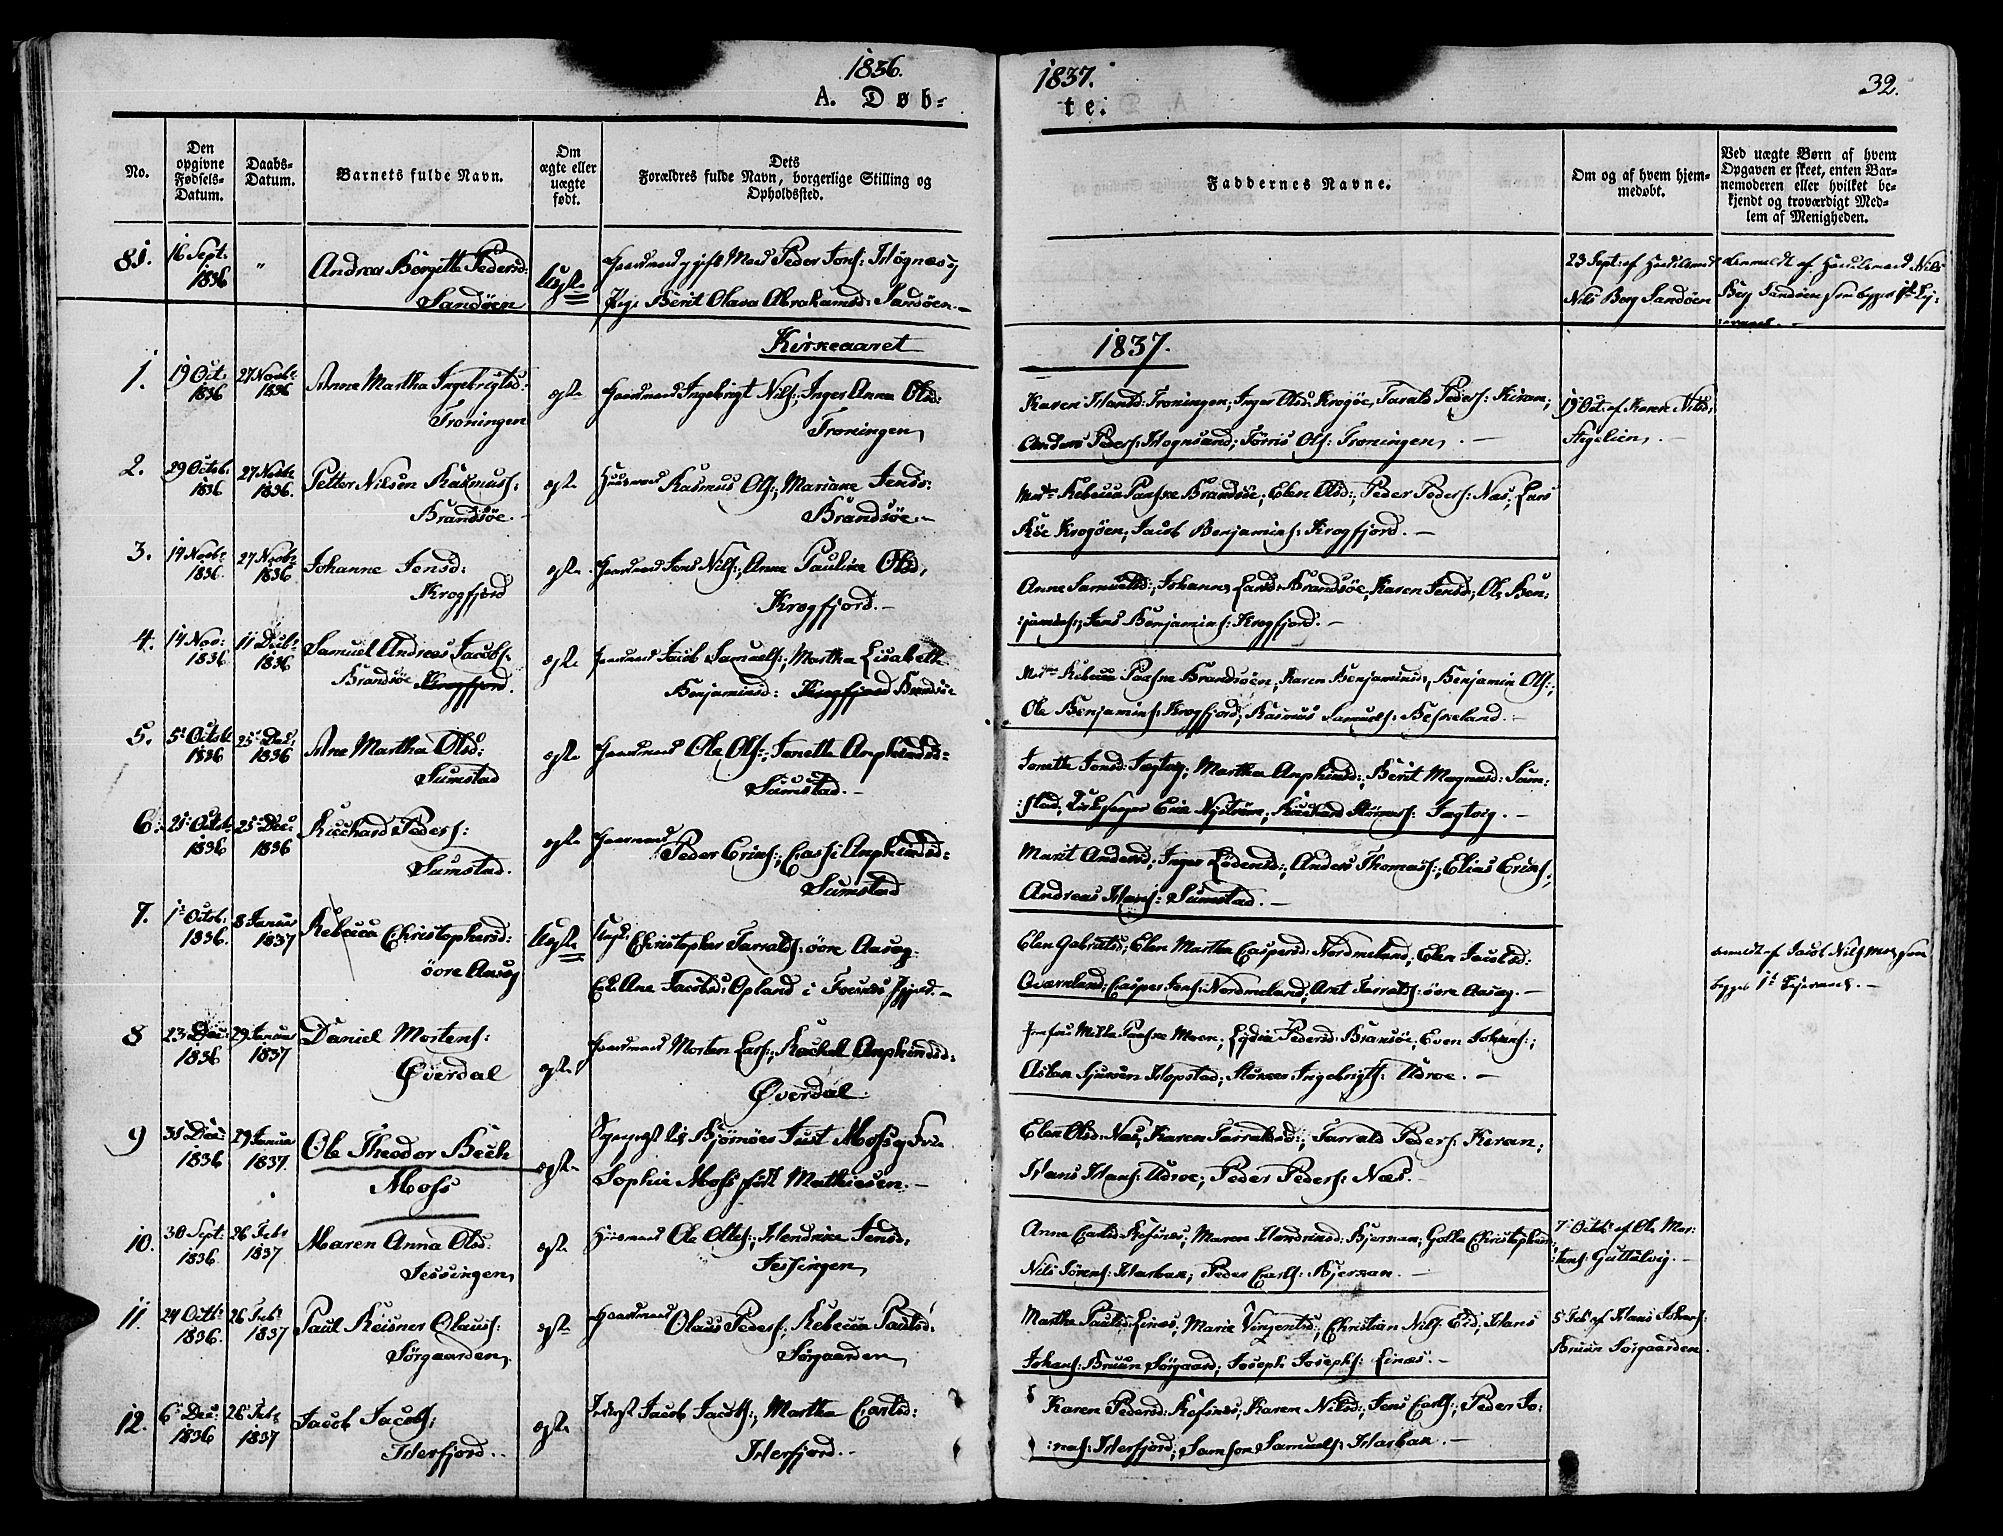 SAT, Ministerialprotokoller, klokkerbøker og fødselsregistre - Sør-Trøndelag, 657/L0703: Ministerialbok nr. 657A04, 1831-1846, s. 32